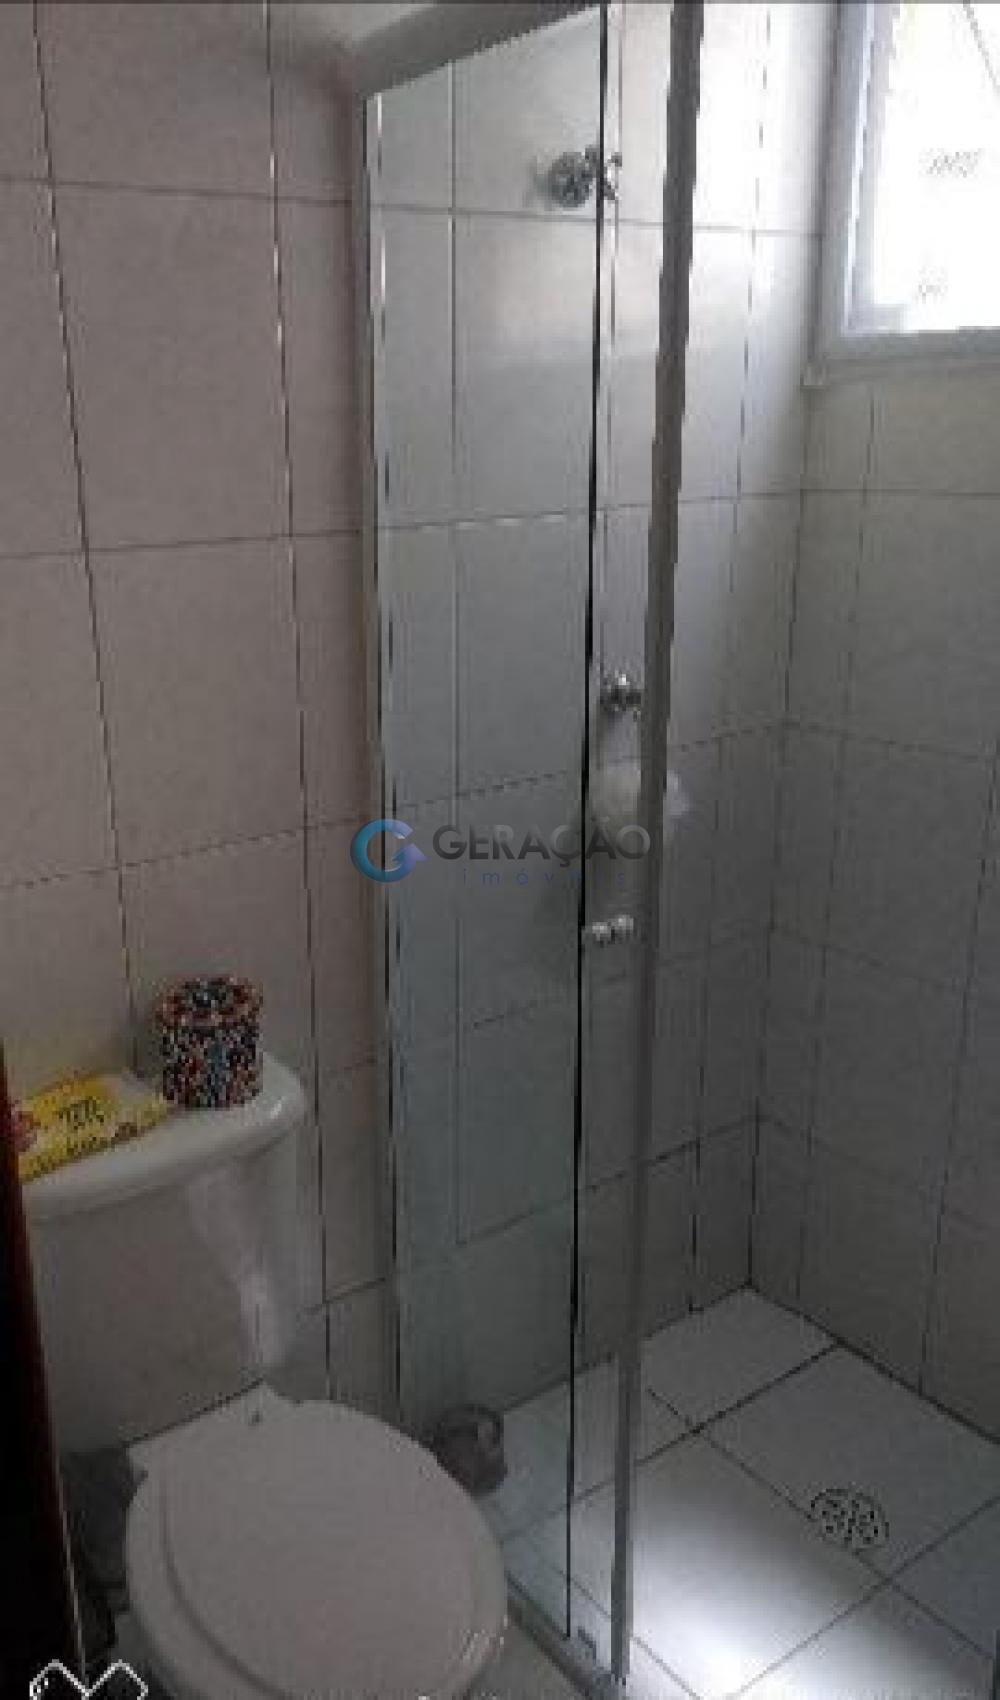 Comprar Apartamento / Padrão em São José dos Campos R$ 305.000,00 - Foto 18